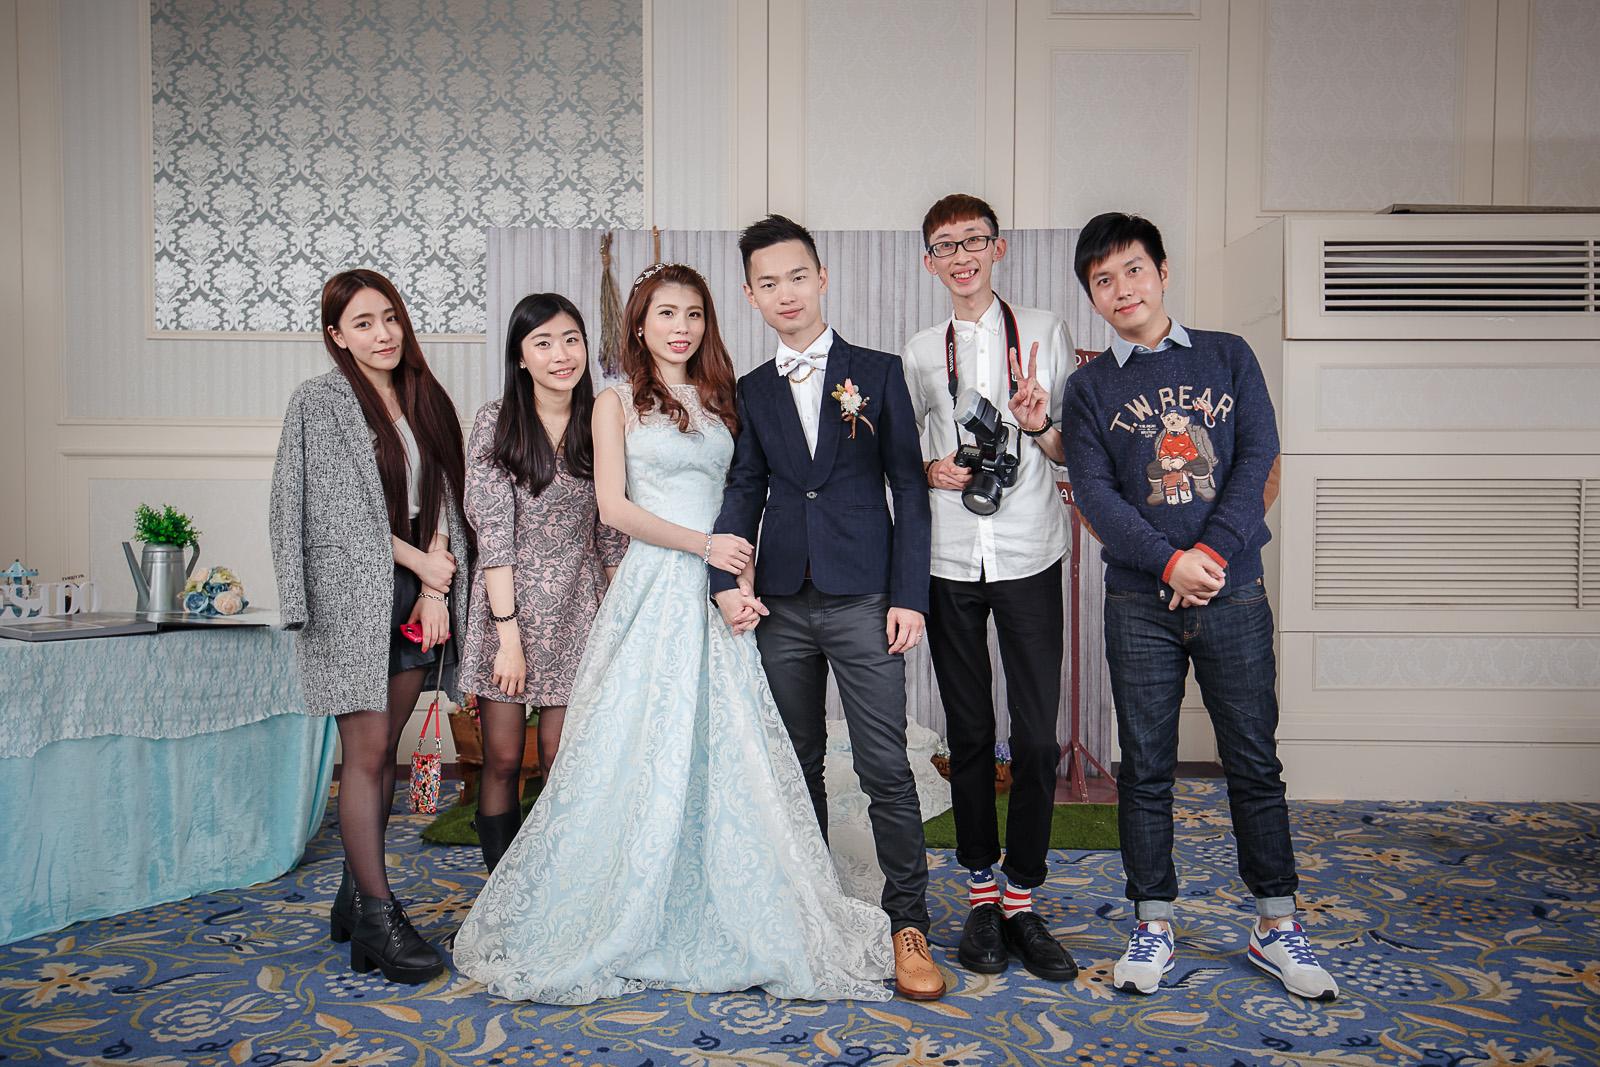 高雄圓山飯店,婚禮攝影,婚攝,高雄婚攝,優質婚攝推薦,Jen&Ethan-331